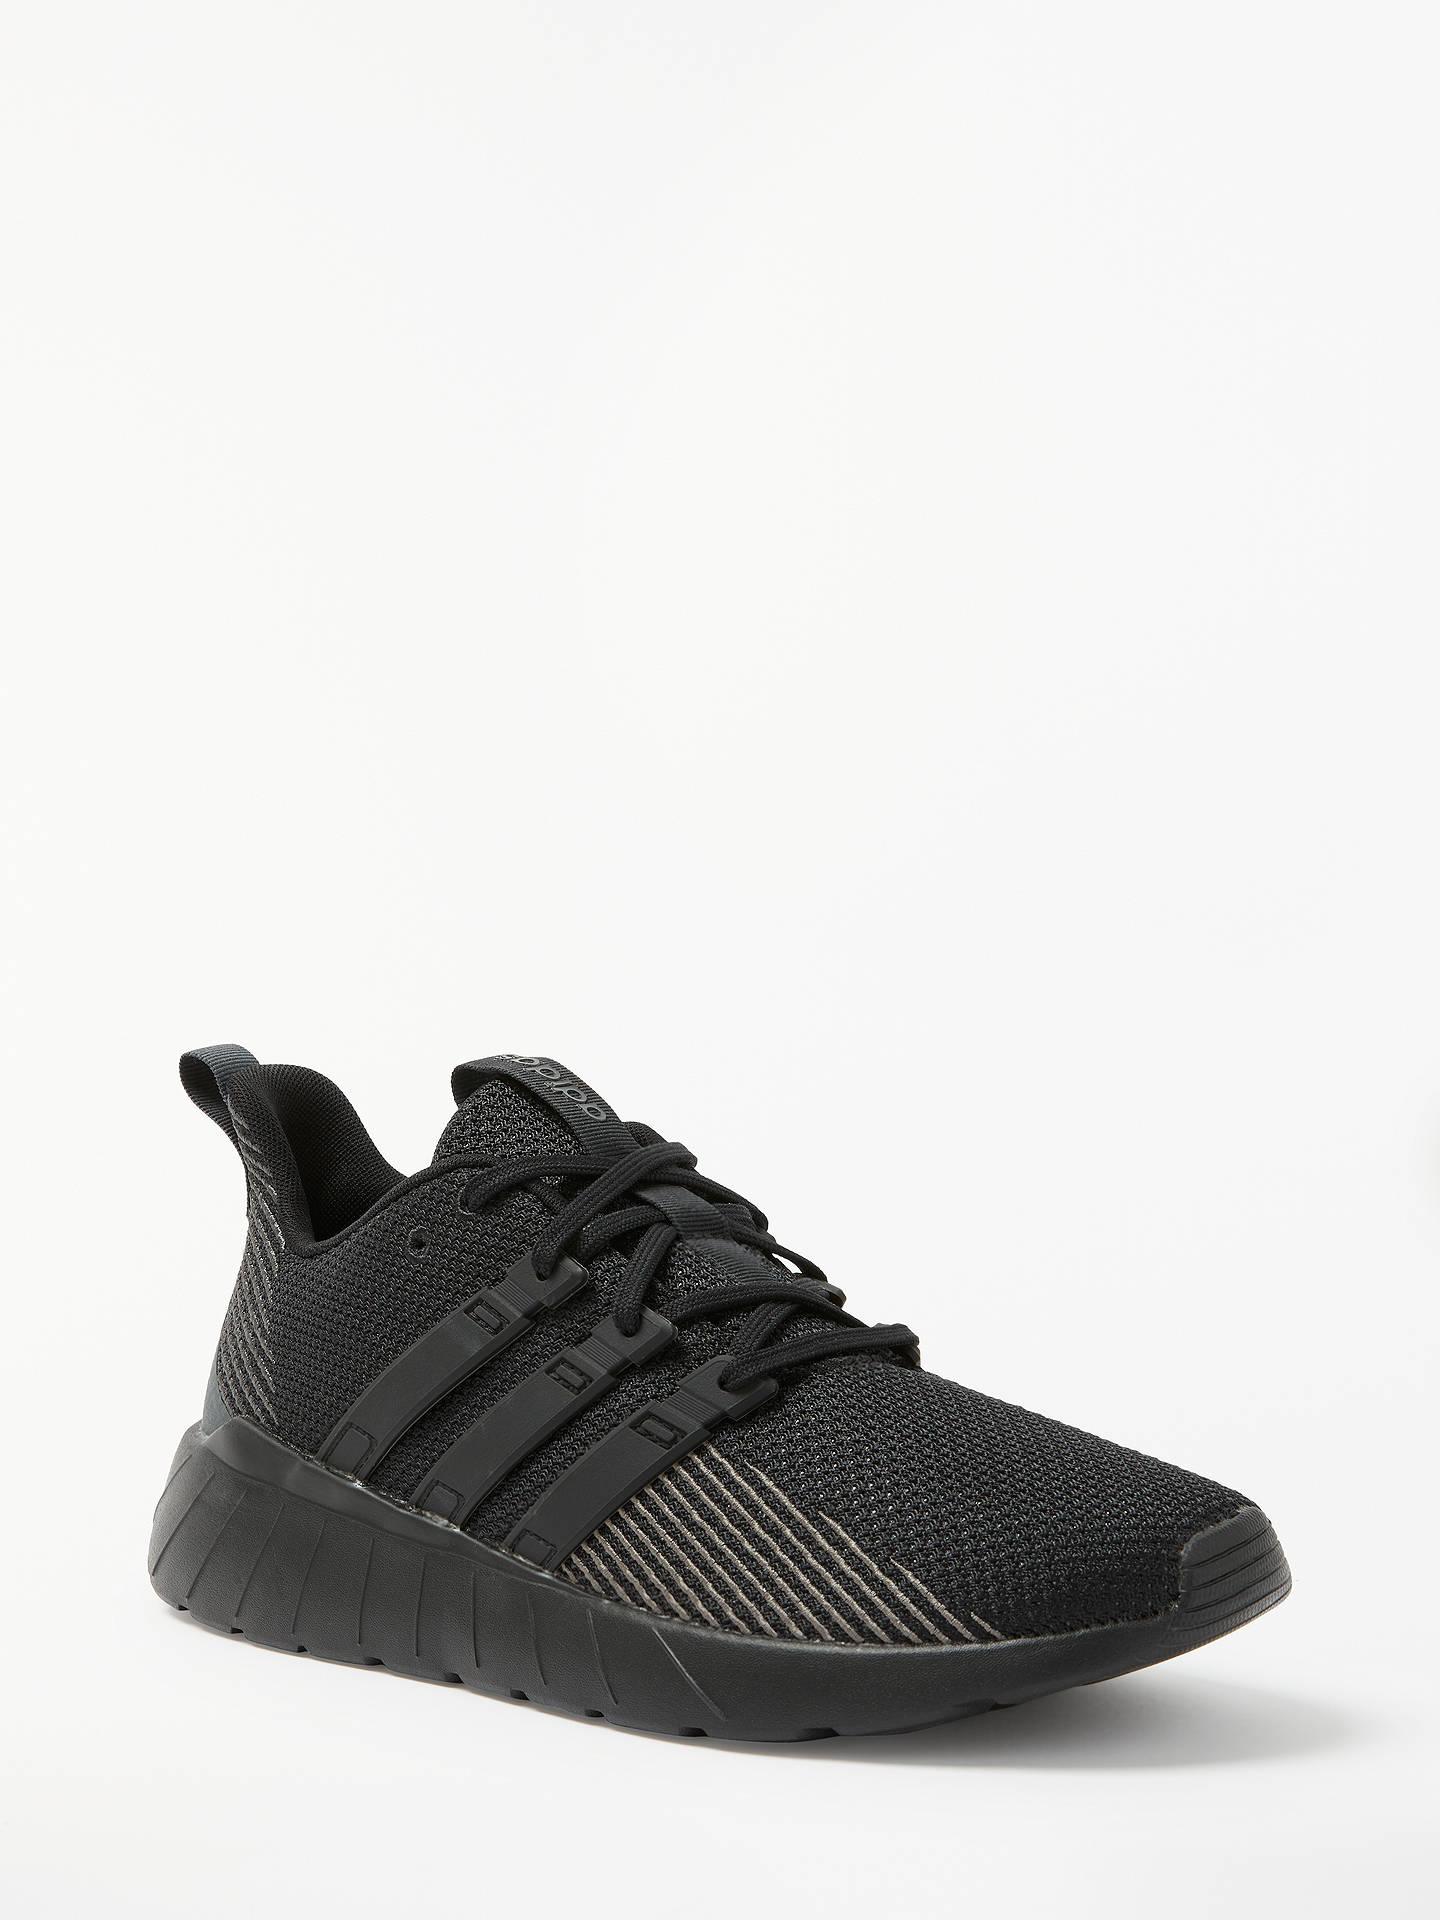 b68711a139 adidas Questar Flow Men's Trainers, Core Black/Grey Six